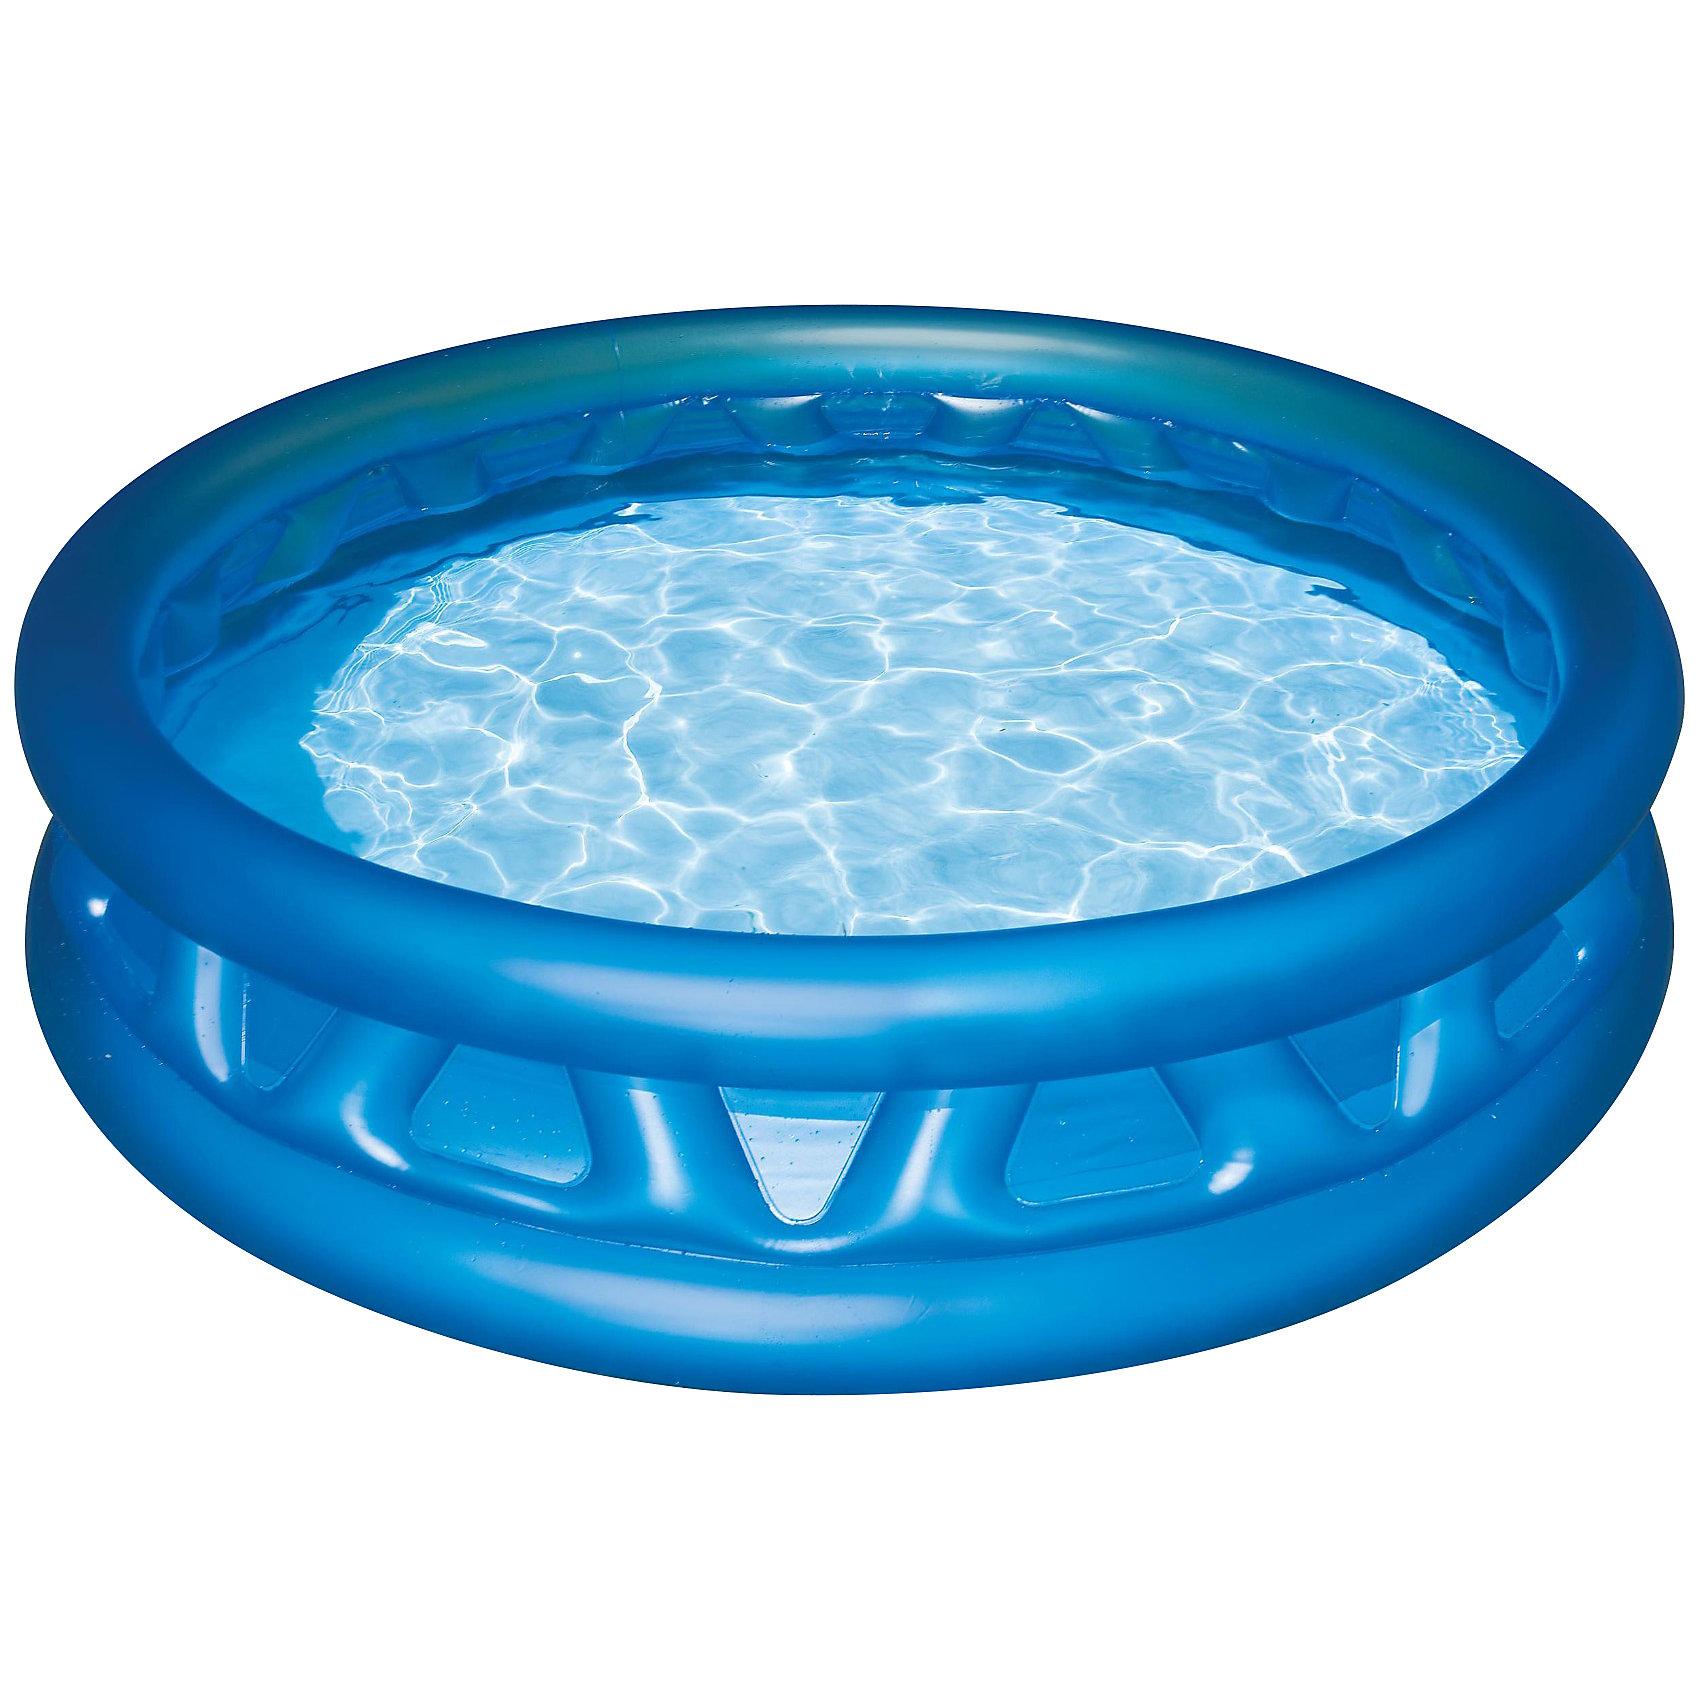 Детский надувной бассейн с мягкими стенками, IntexБассейны<br>Характеристики товара:<br><br>•  В комплекте: детский надувной бассейн с мягкими стенками, Intex, ремкомплект<br> • Размер бассейна: 188 x 46 см<br> • Объем (при 80% заполнении) 665 л.<br> • Глубина воды при указанном объеме: 36 см.<br> • Вес в упаковке 2,9 кг.<br> • Ненадувное дно<br><br>Детский надувной бассейн с мягкими стенками, Intex (Интекс). Бортики  с мягкими ребрами обеспечат комфорт и безопасность ребенка. Бассейн имеет 3 независимые воздушные камеры с двойными клапанами, что обеспечивает безопасность в случае прокола. Он способен вместить в себя несколько малышей, которые смогут весело плескаться и играть друг с другом. <br><br>Не оставит равнодушным Вашего малыша!<br><br>Детский надувной бассейн с мягкими стенками, Intex (Интекс) можно купить в нашем интернет-магазине.<br><br>Ширина мм: 362<br>Глубина мм: 309<br>Высота мм: 94<br>Вес г: 2792<br>Возраст от месяцев: 36<br>Возраст до месяцев: 1164<br>Пол: Унисекс<br>Возраст: Детский<br>SKU: 2106970